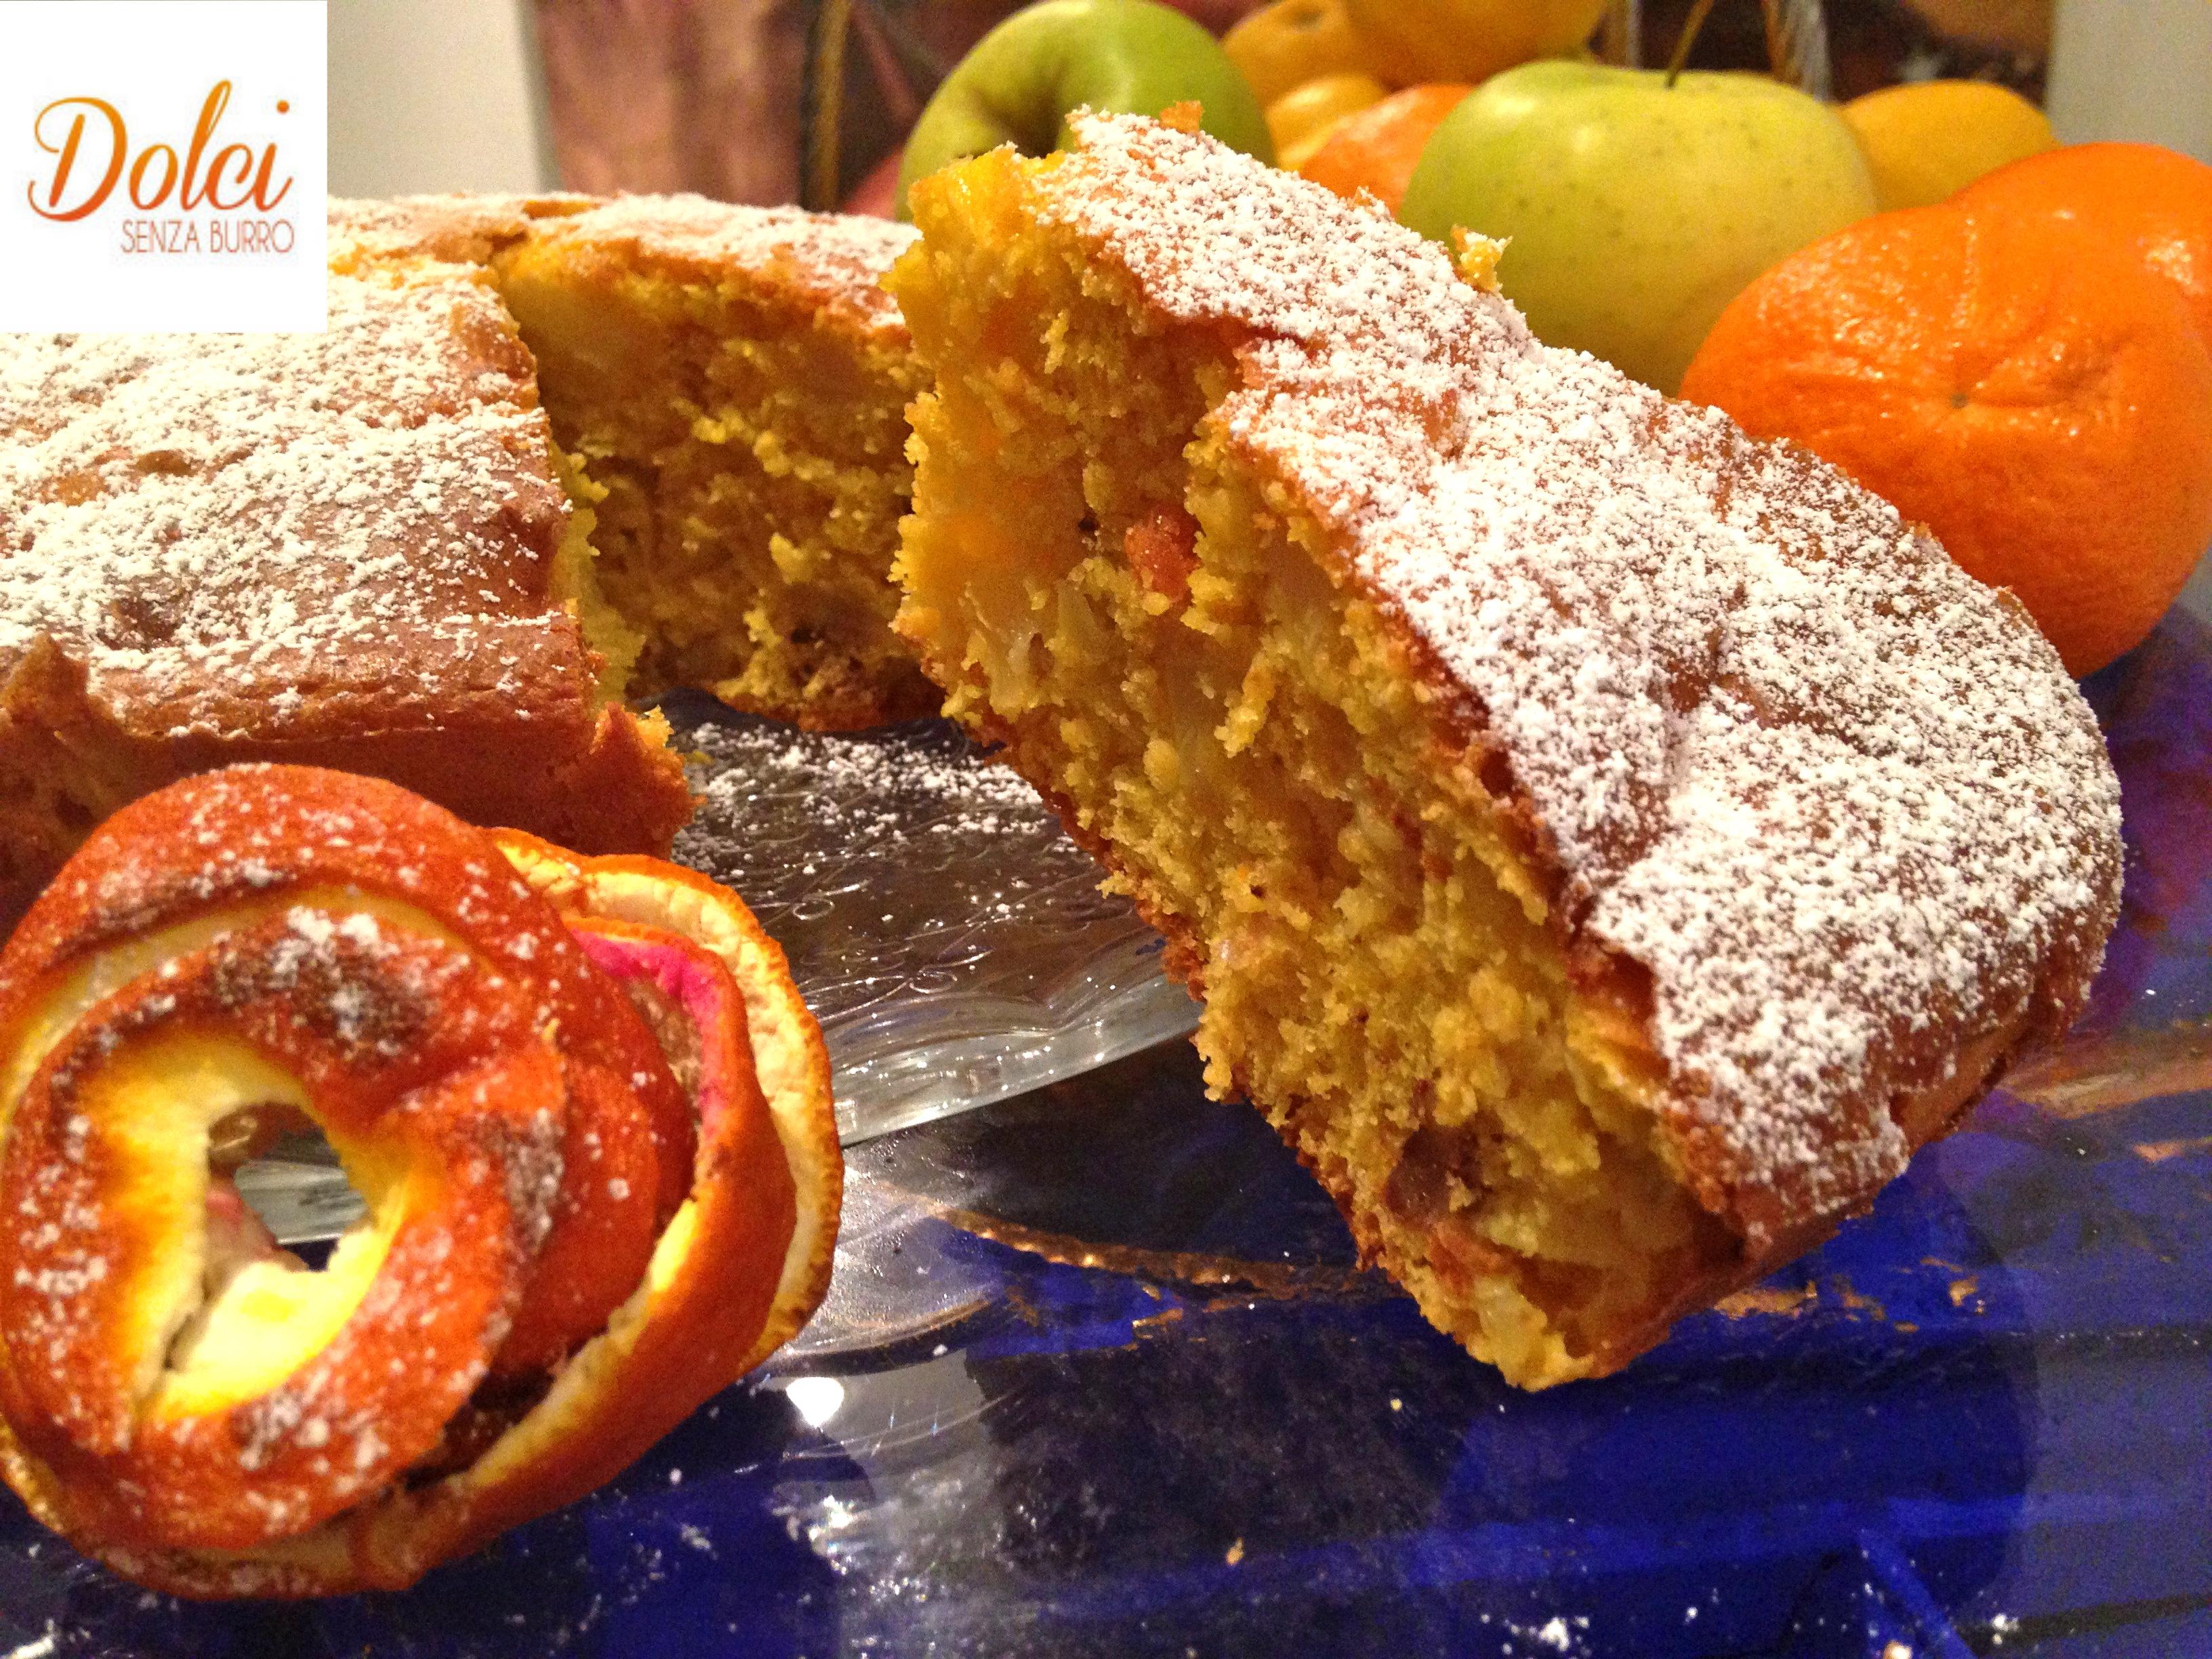 Torta di Mele e Arance Senza Burro, il dolce sano e genuino di Dolci Senza Burro